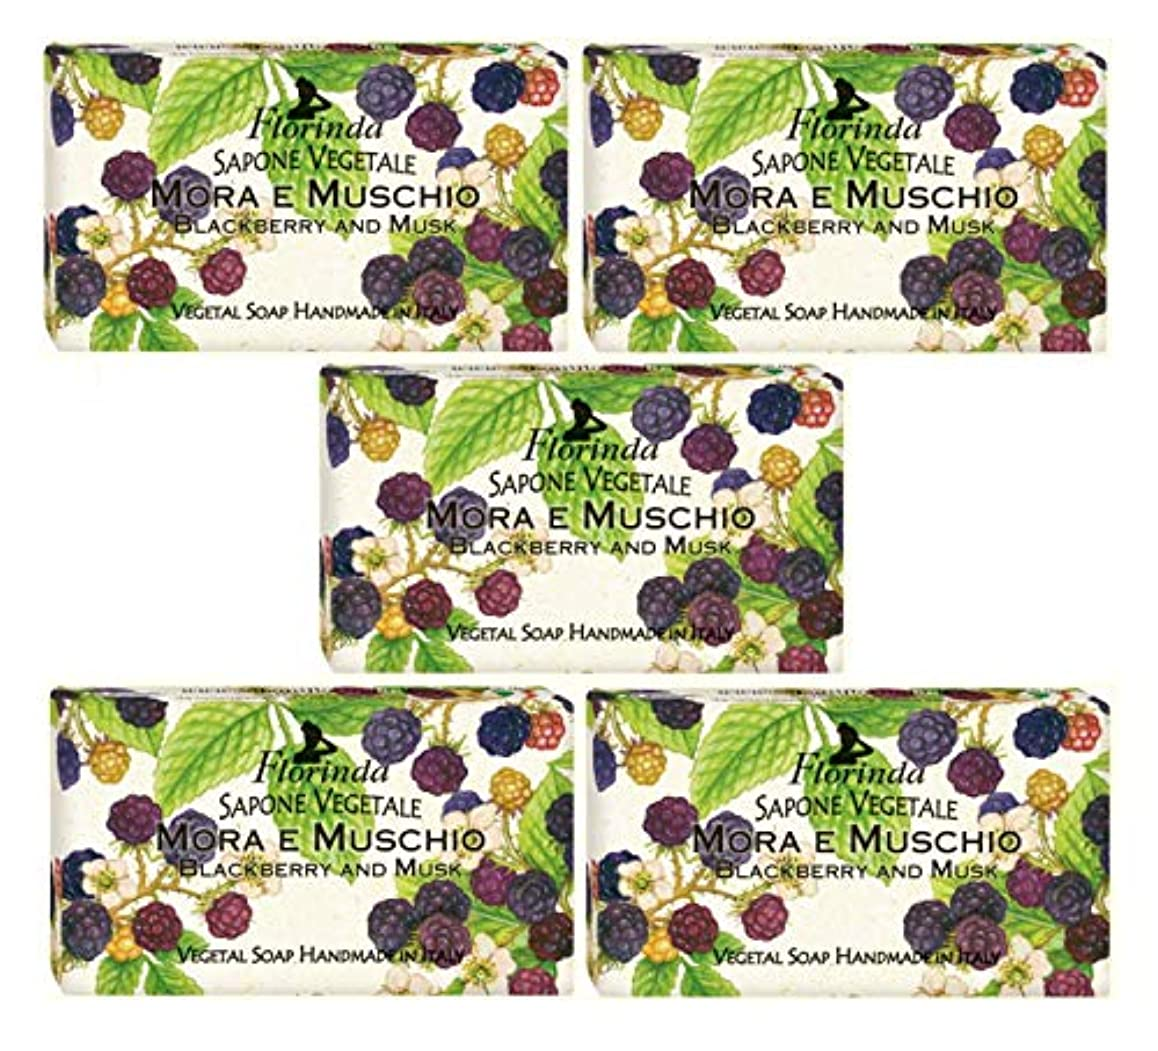 ゆでる心理的に遮るフロリンダ フレグランスソープ 固形石けん フルーツの香り ブラックベリー&ムスク 95g×5個セット